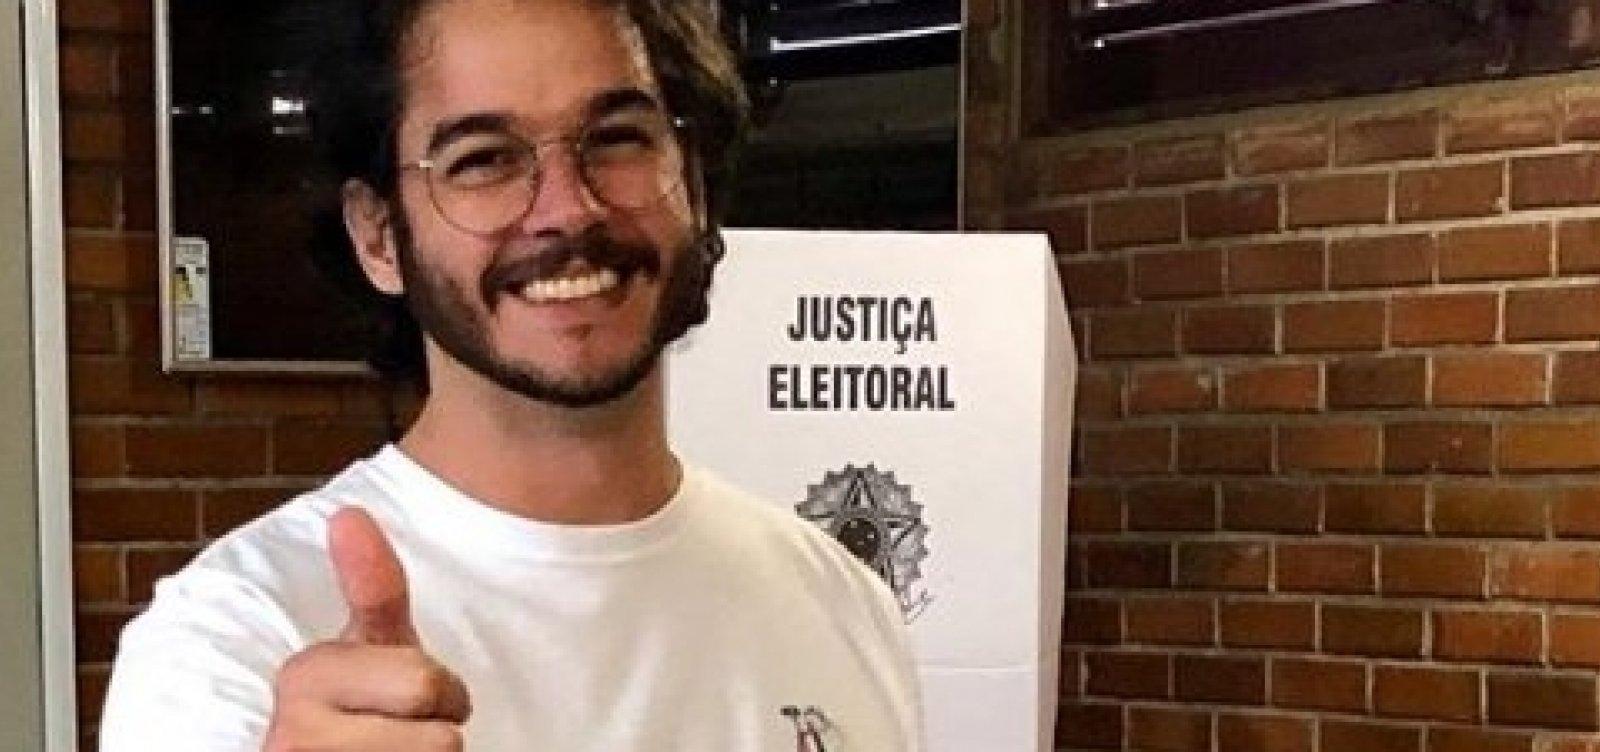 [Túlio Gadêlha, namorado de Fátima Bernardes, é eleito deputado federal em Pernambuco]